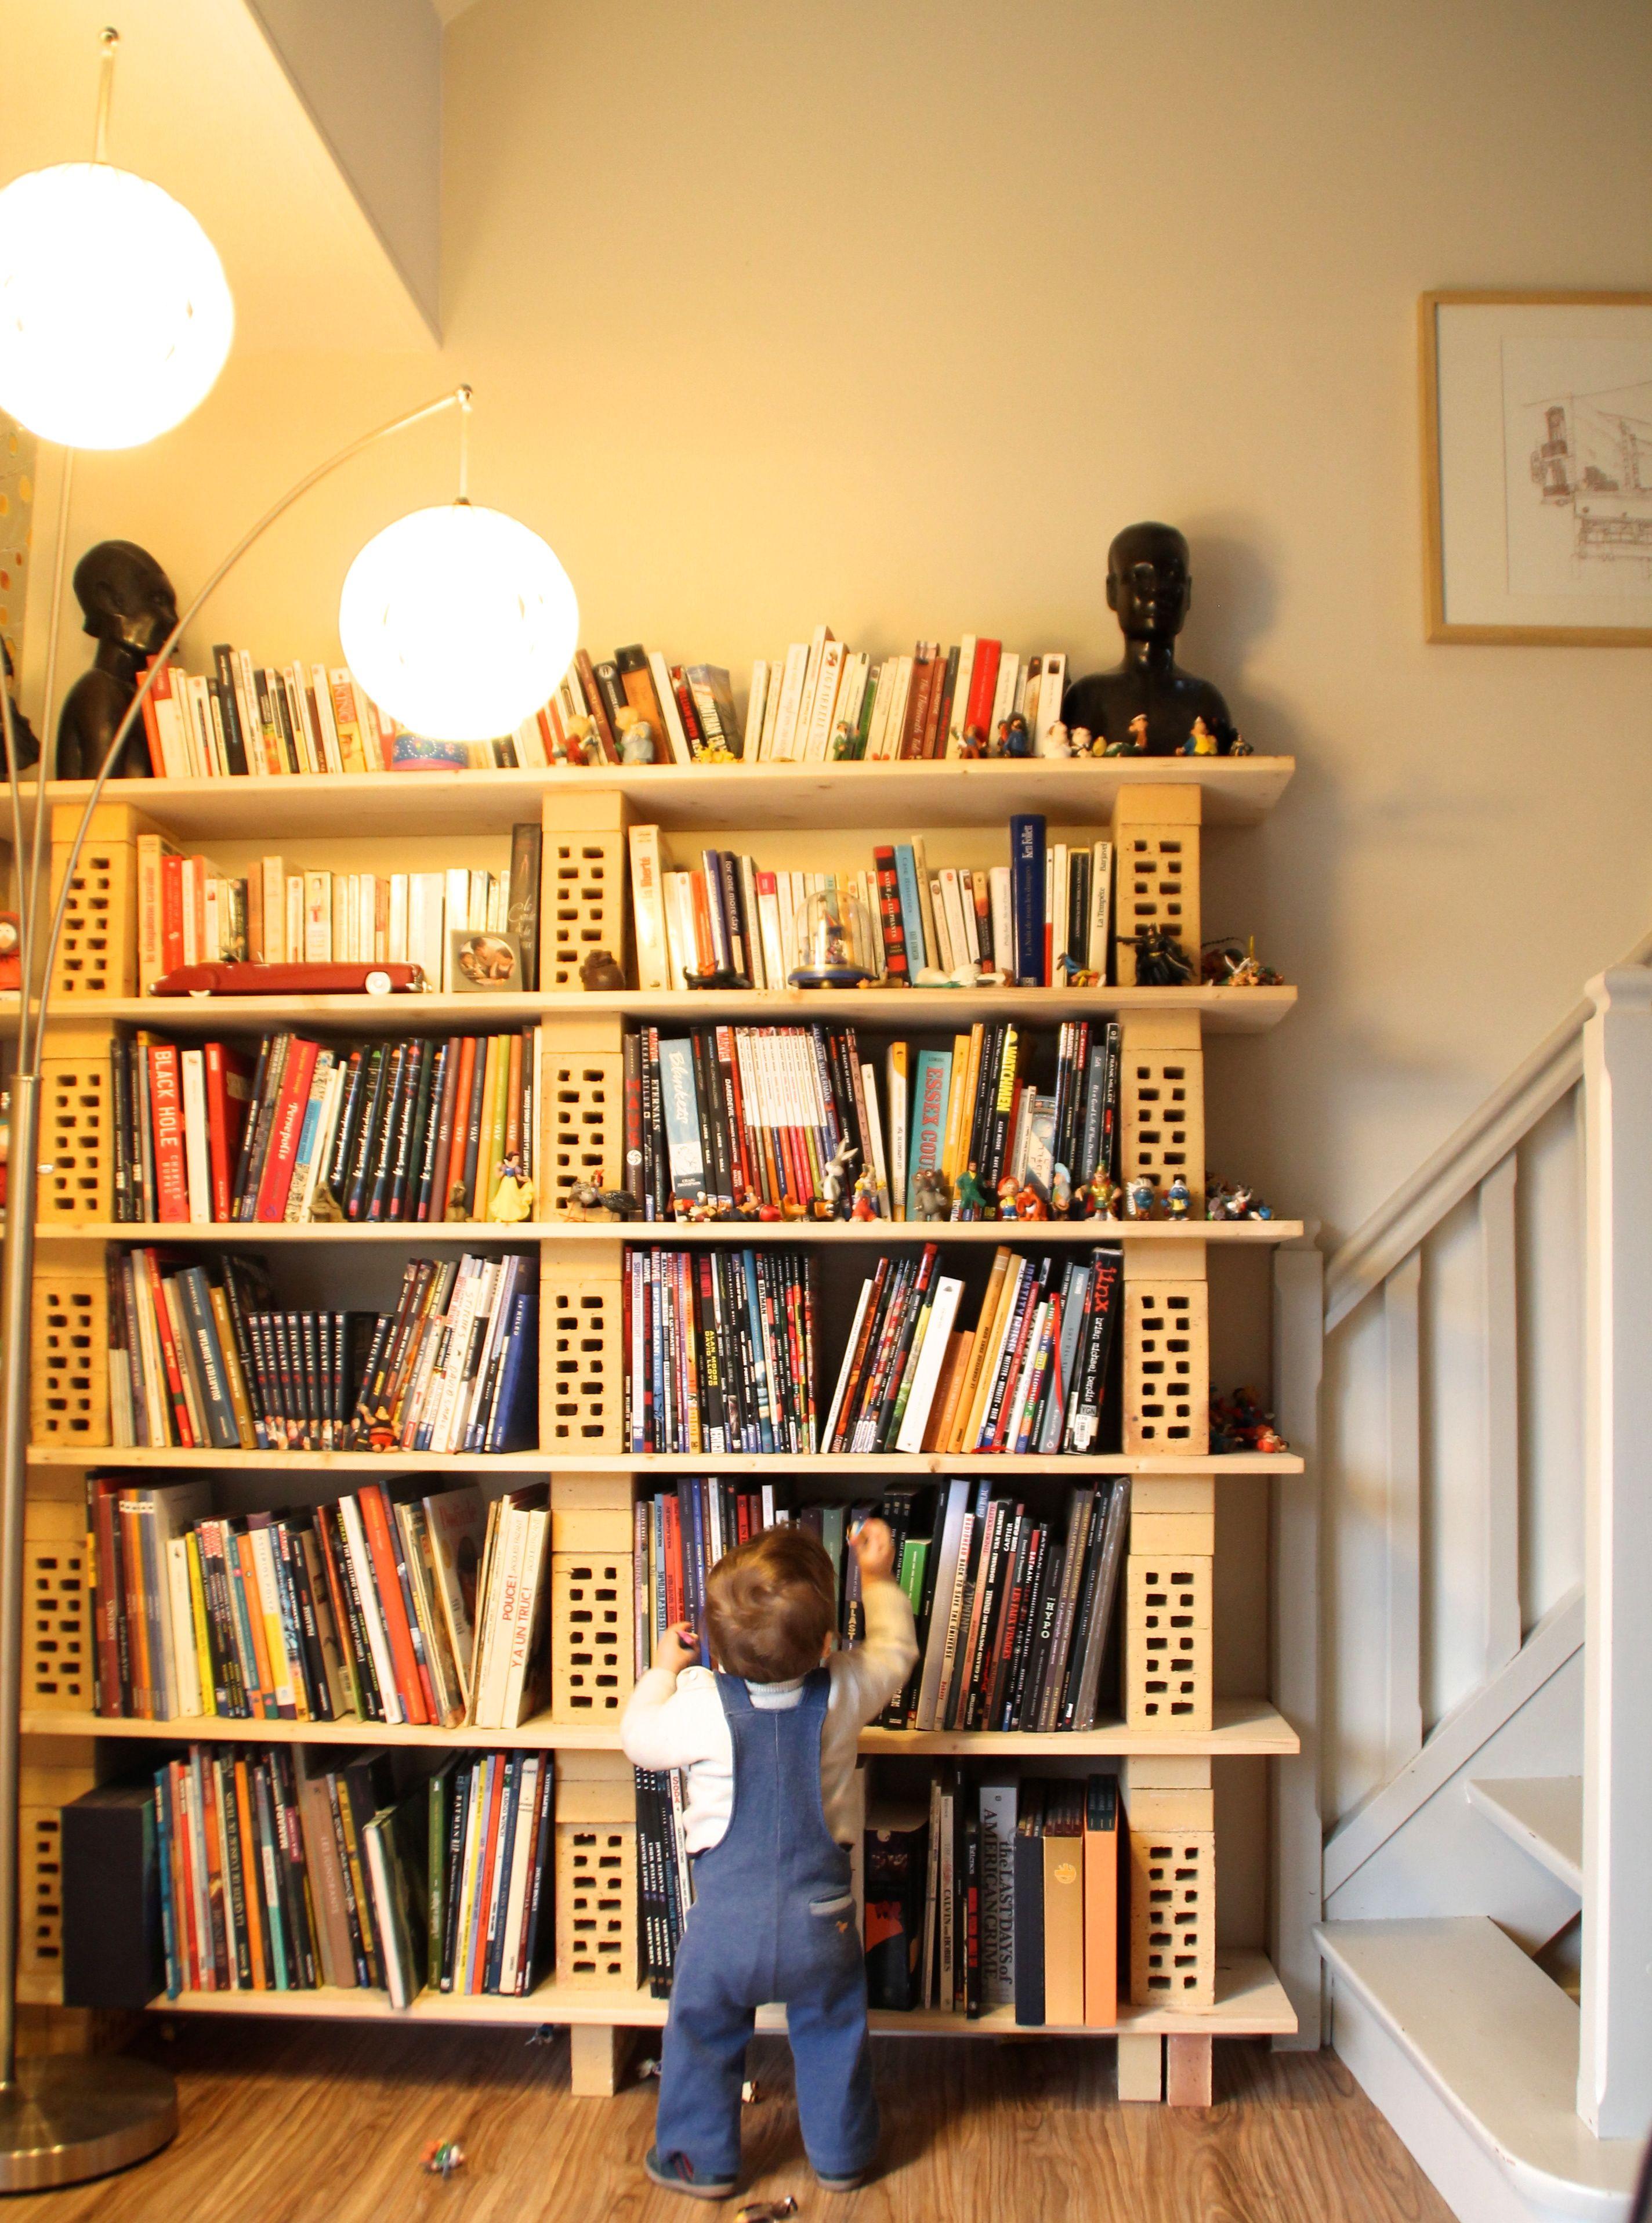 Pingl Par Irina Hefft Sur Furniture Pinterest Placard Et Diy # Etagere Verre Et Brique